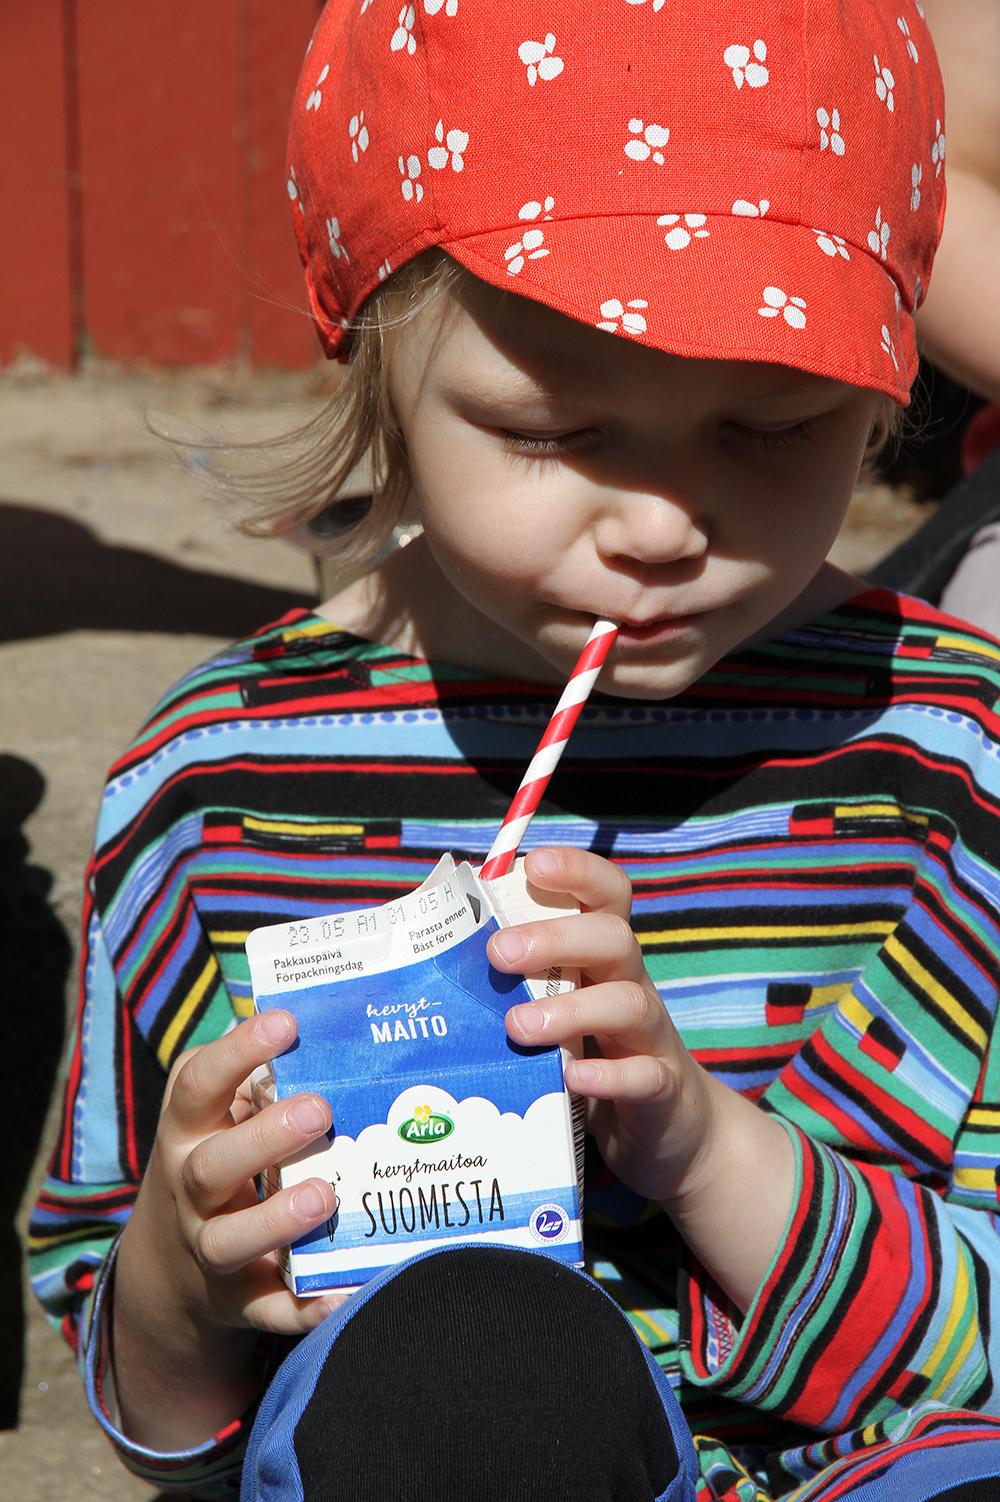 siiri juo maitoa arla maitoa suomesta